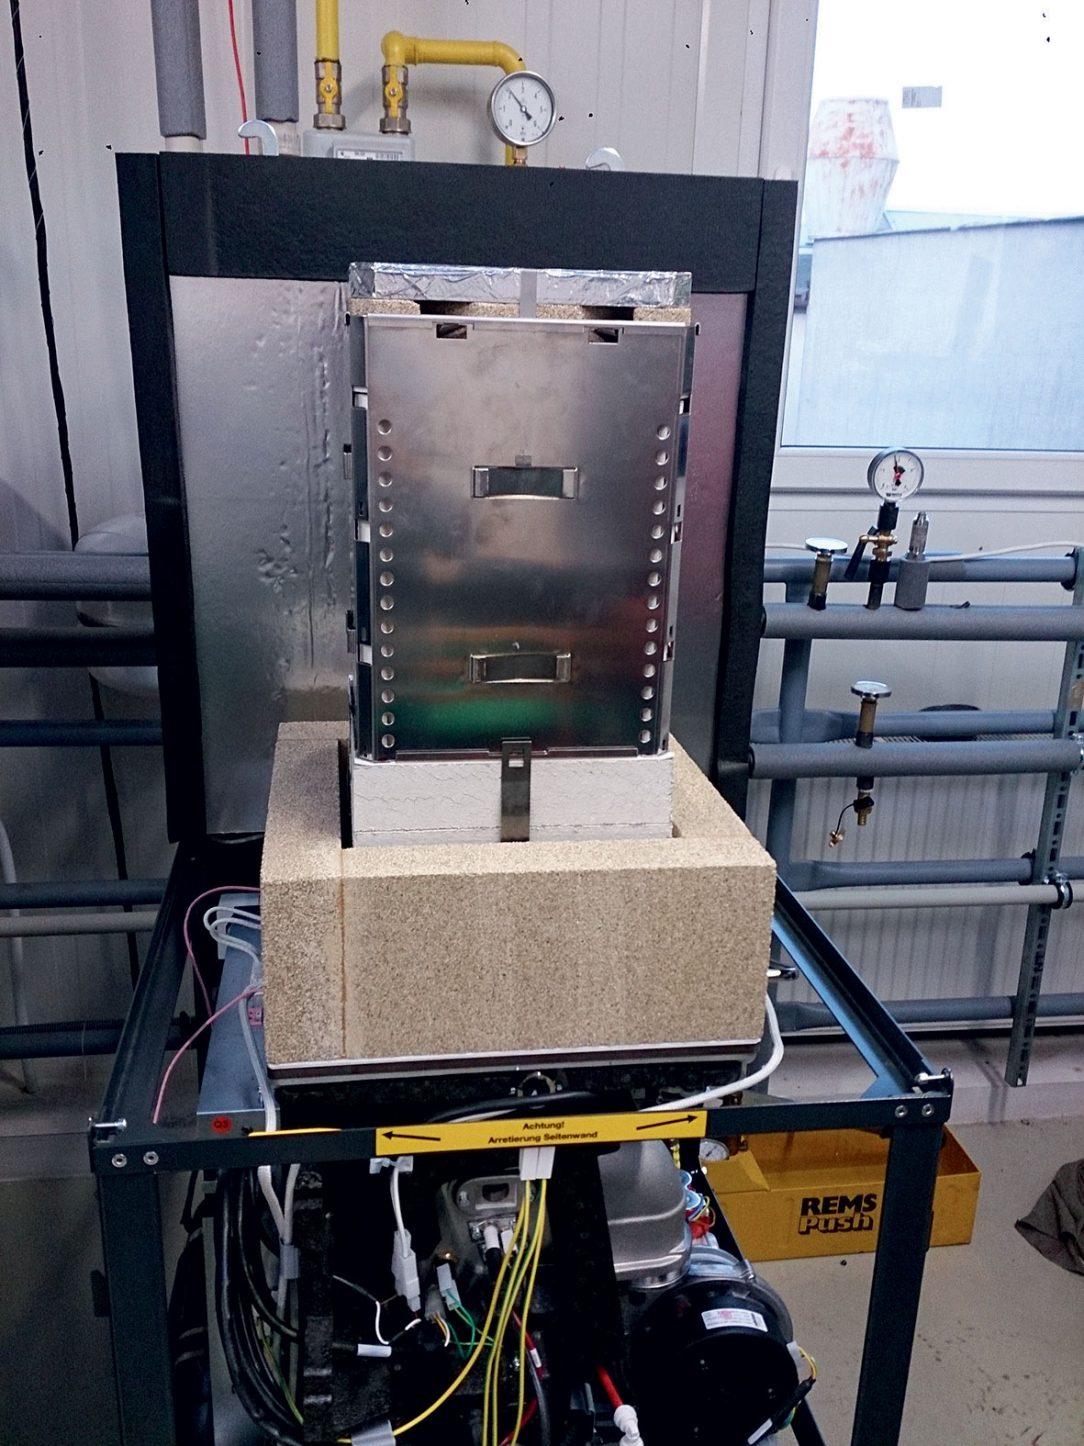 Obr. 1 Mikrokogeneračná jednotka s palivovými článkami a) pohľad na modul palivových článkov – vrchná časť jednotky